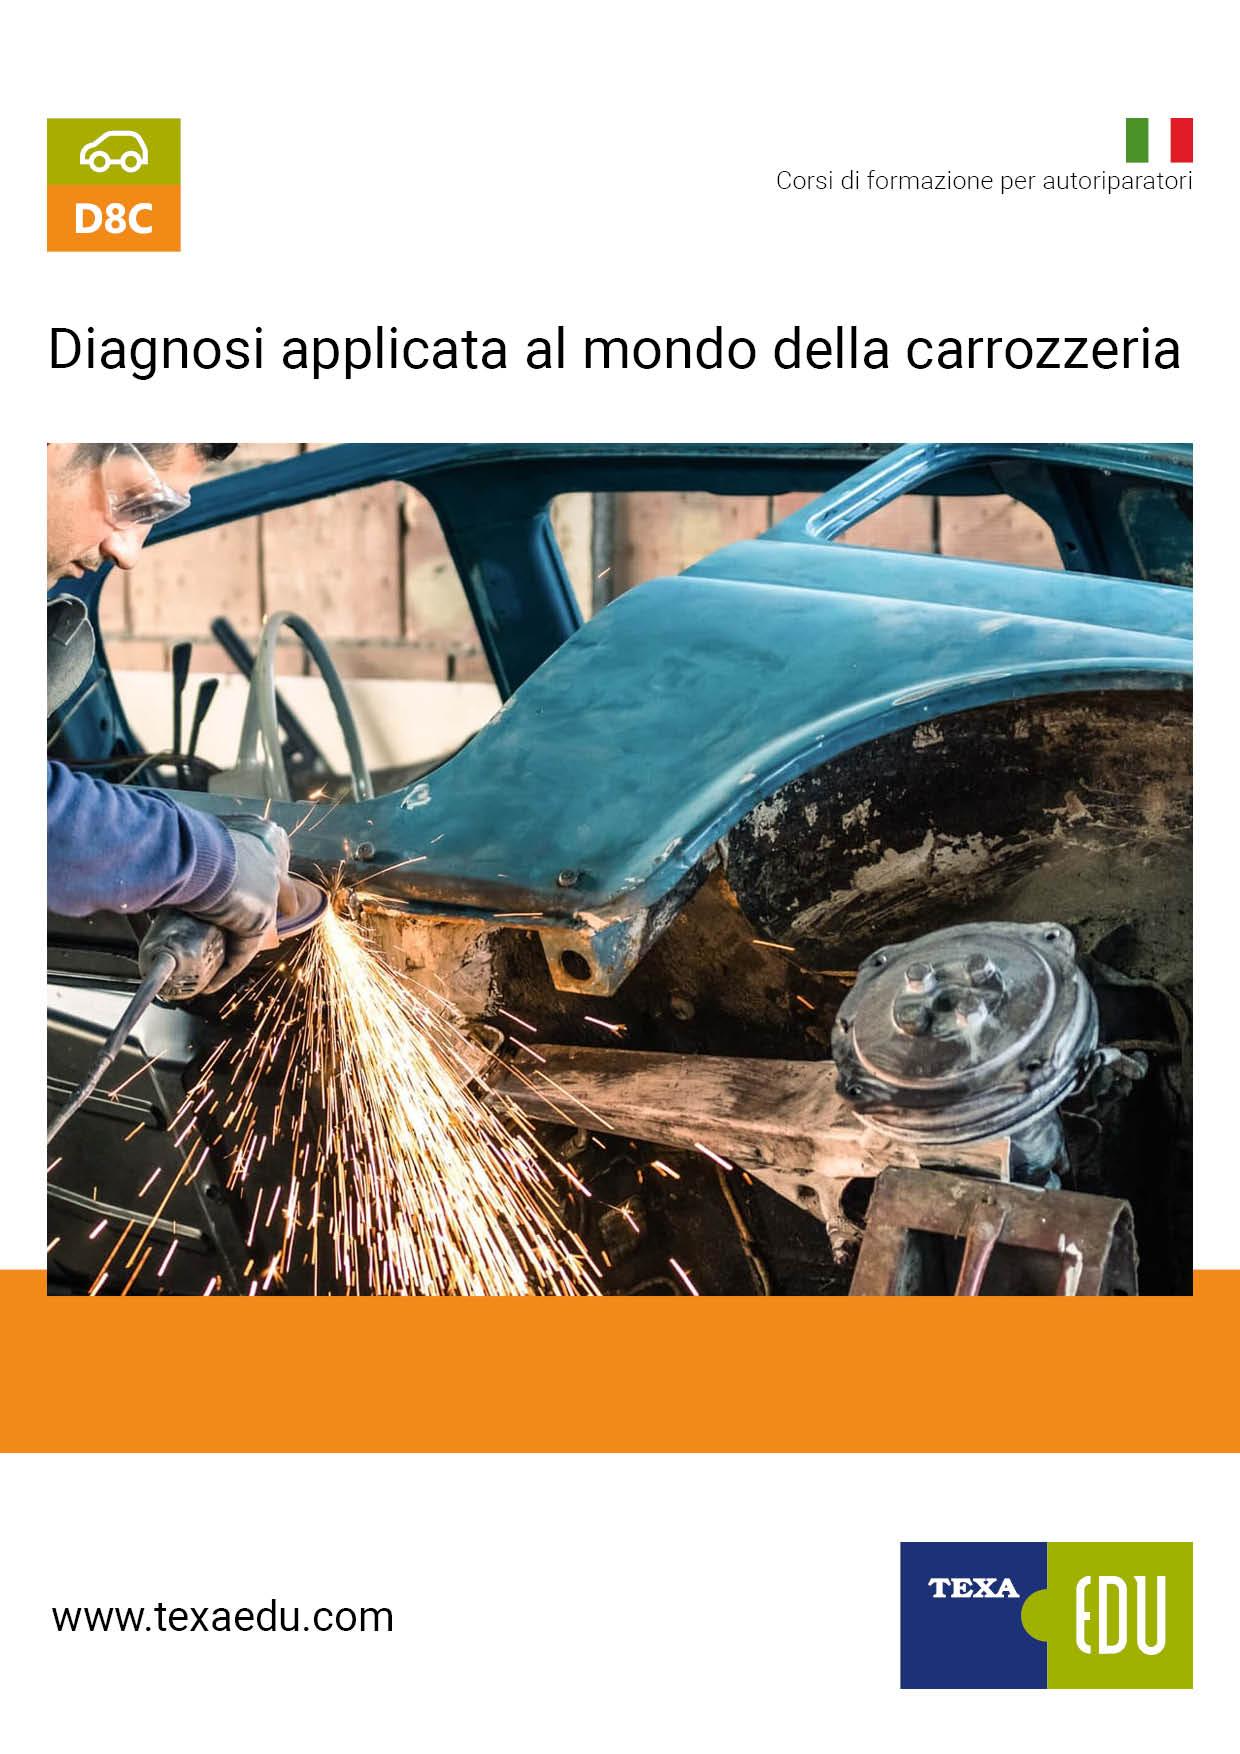 D8C DIAGNOSI ELETTRONICA APPLICATA AL MONDO DELLA CARROZZERIA